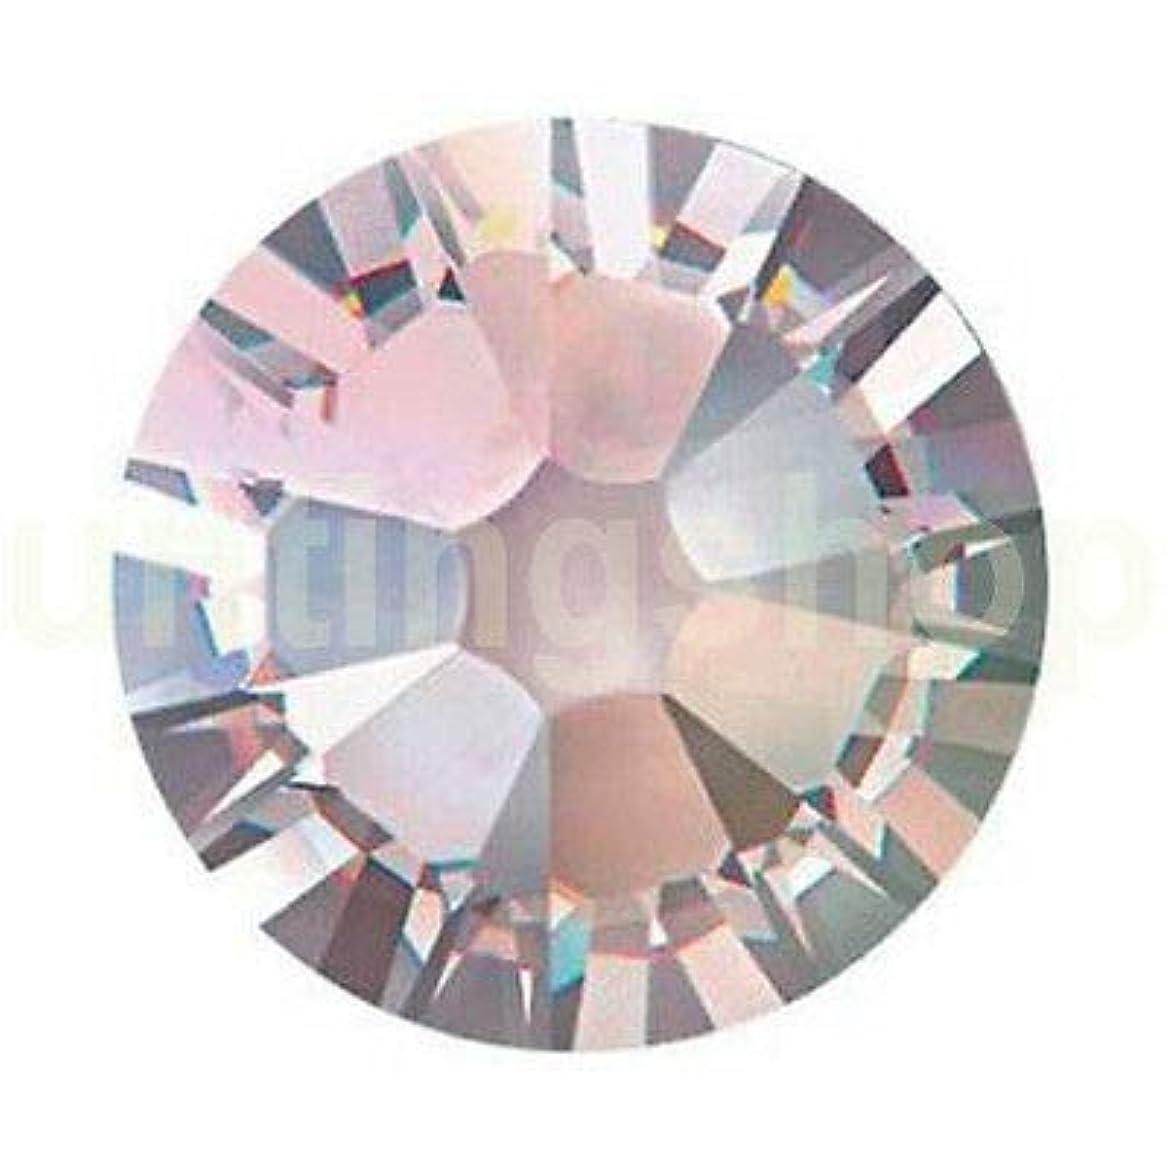 比喩ショッピングセンター自分のためにFidgetGear DIY 1.3-8.5 mmクリスタルヒラタラインストーンネイルアートデコレーションSS3-SS40 クリスタルAB